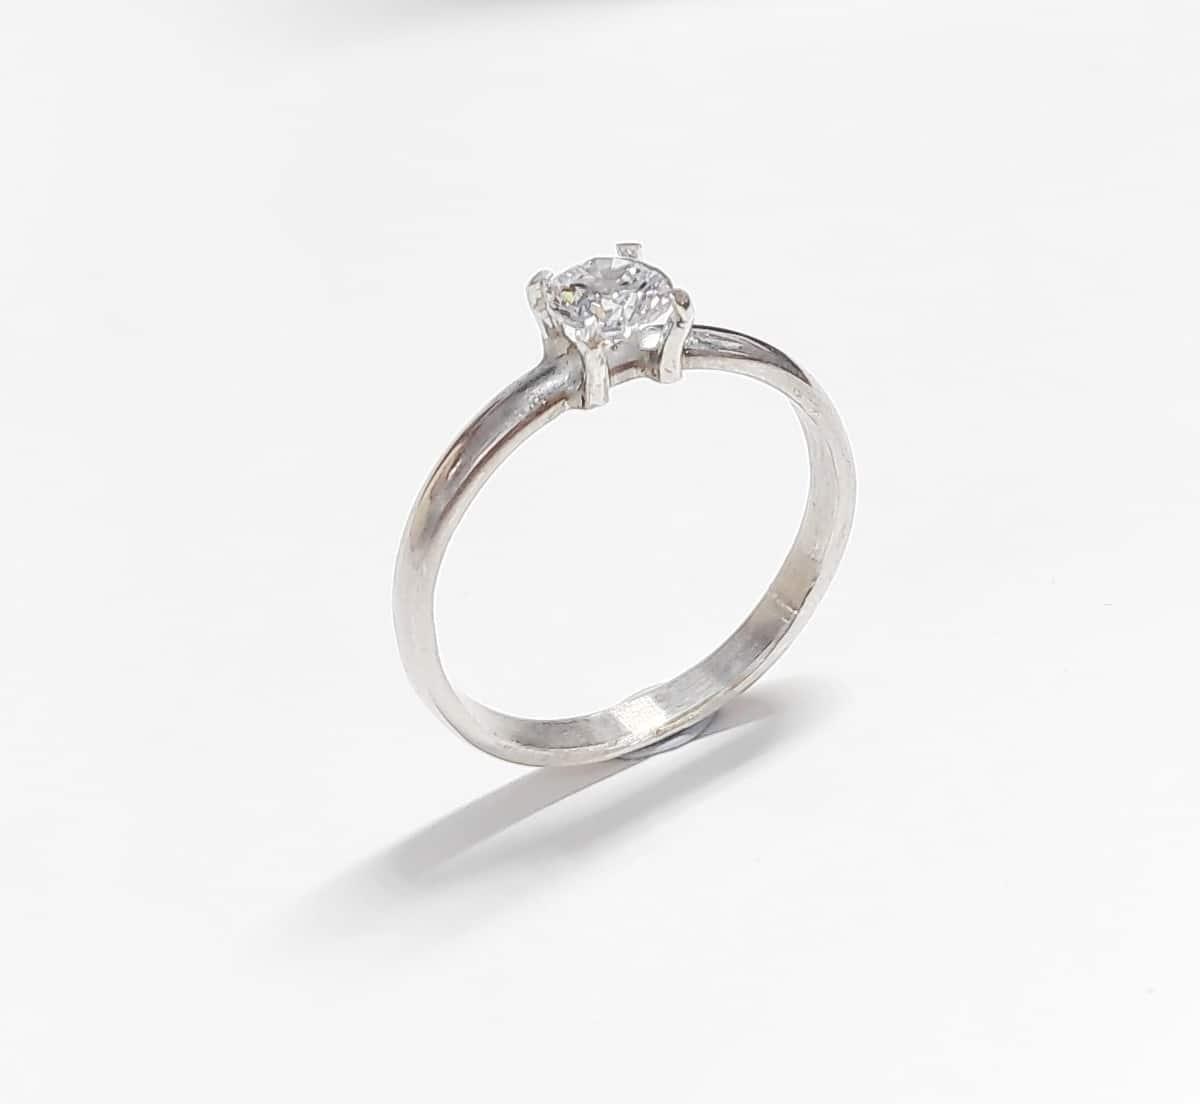 Solitario hecho a mano en oro blanco Fairmined y diamante